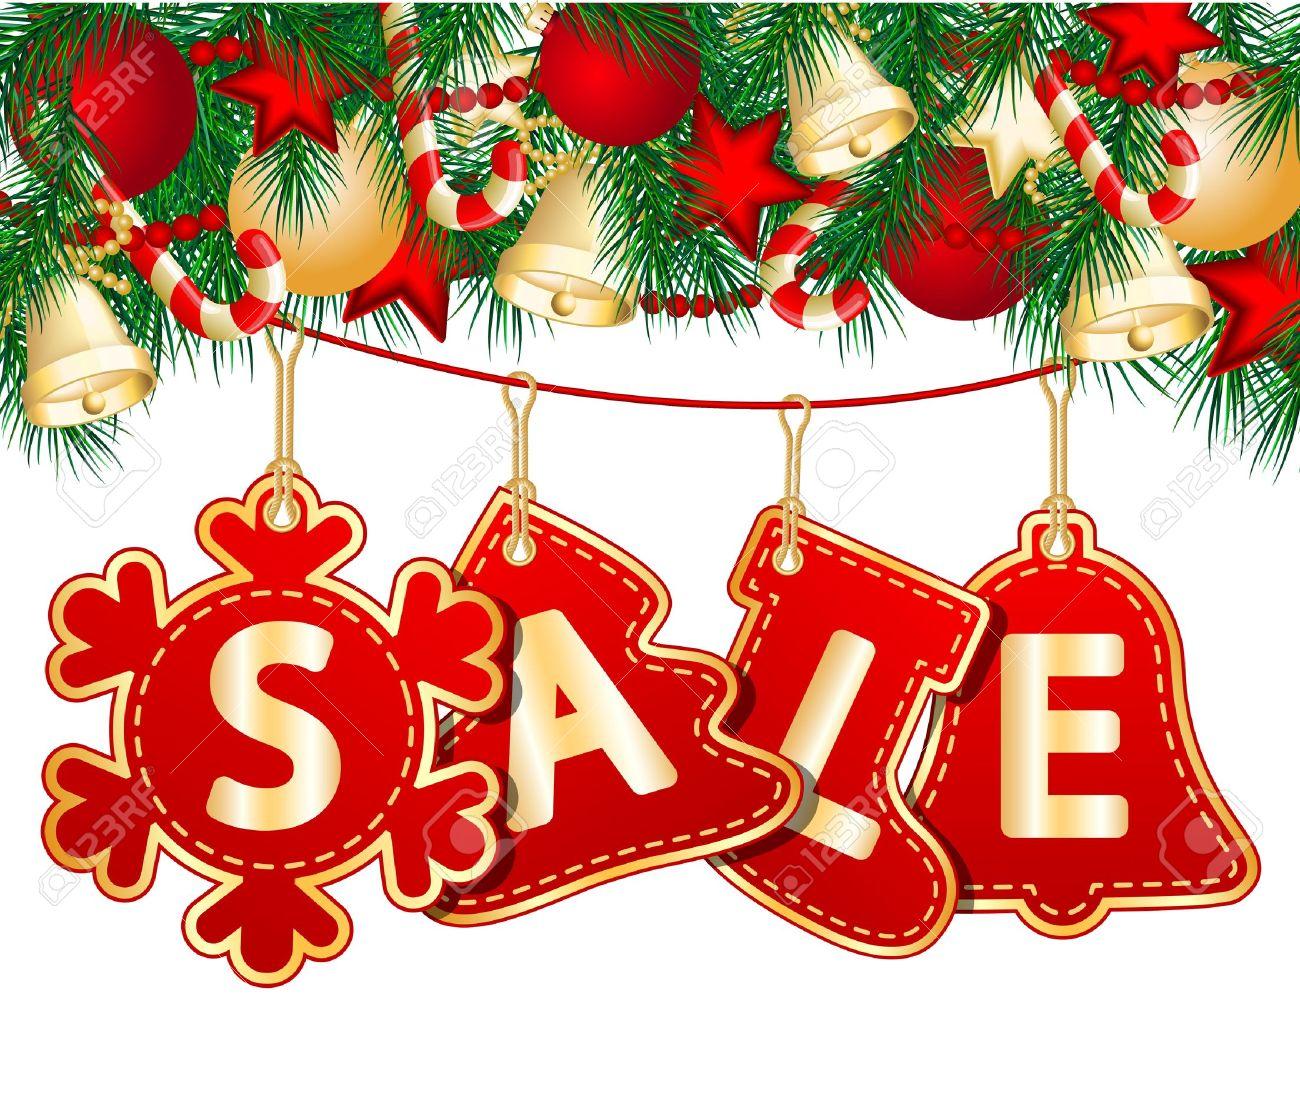 Christmas Signs.Christmas Sale Tags On Christmas Signs Illustration